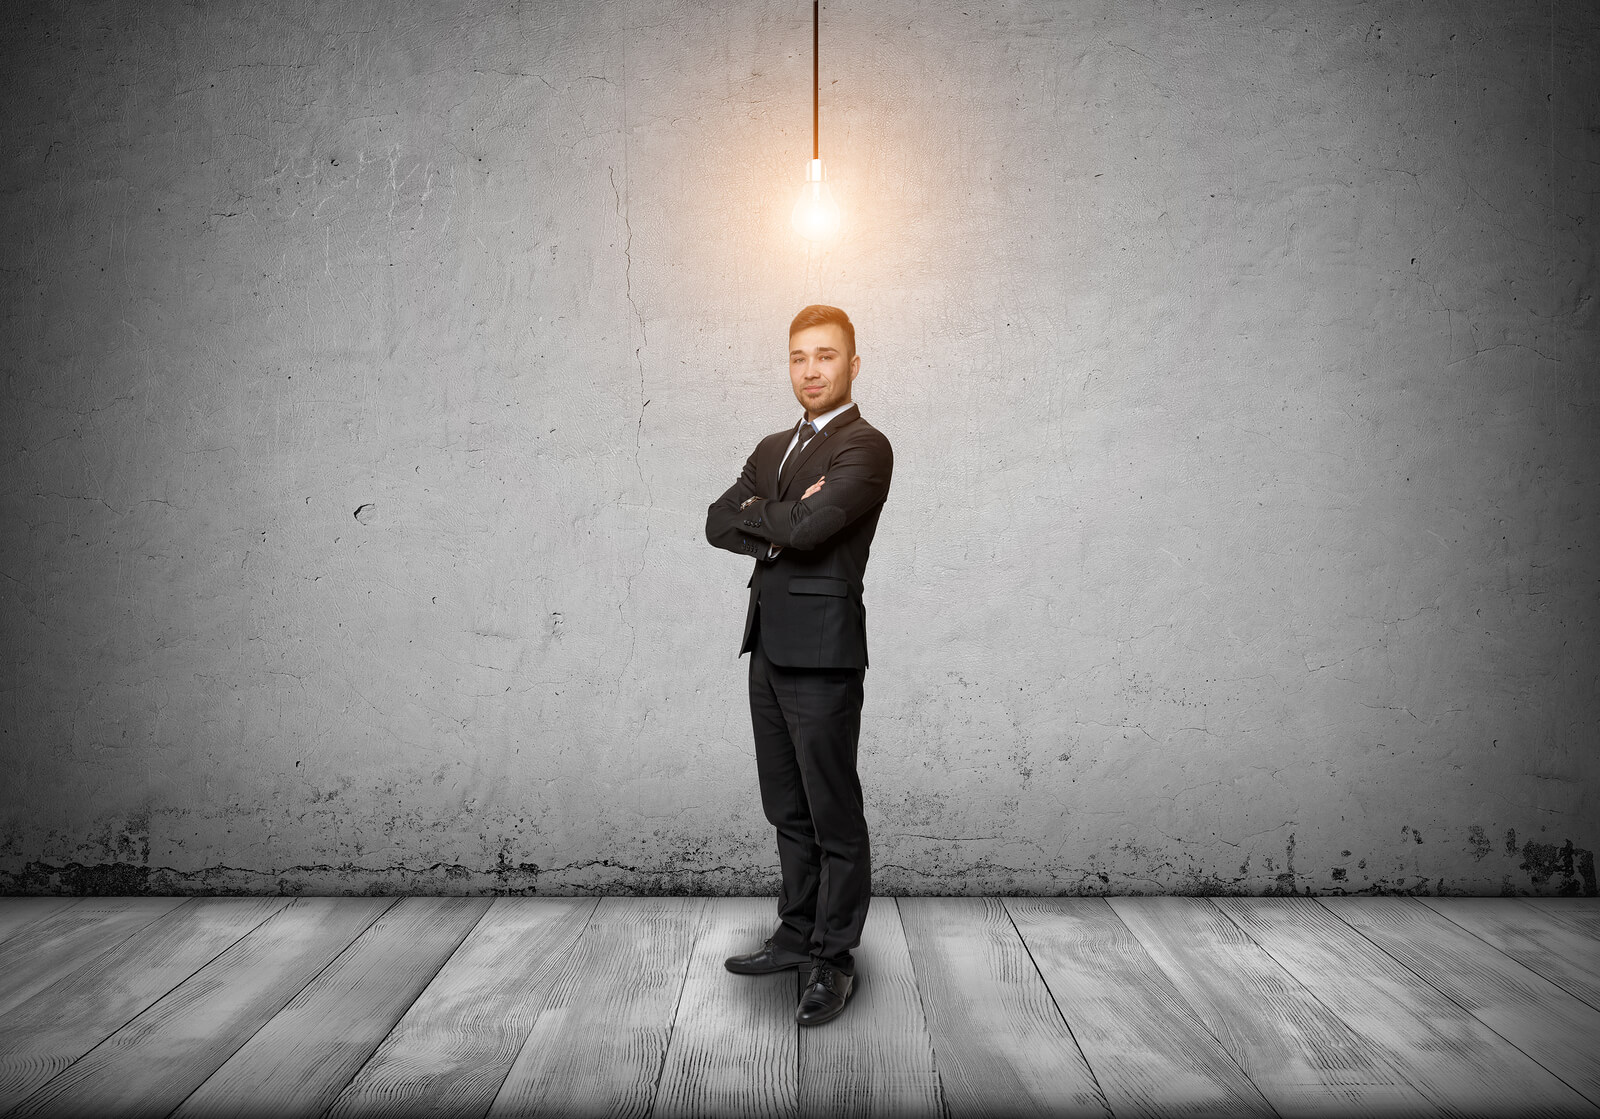 La intuición de un líder: el complemento perfecto a la razón